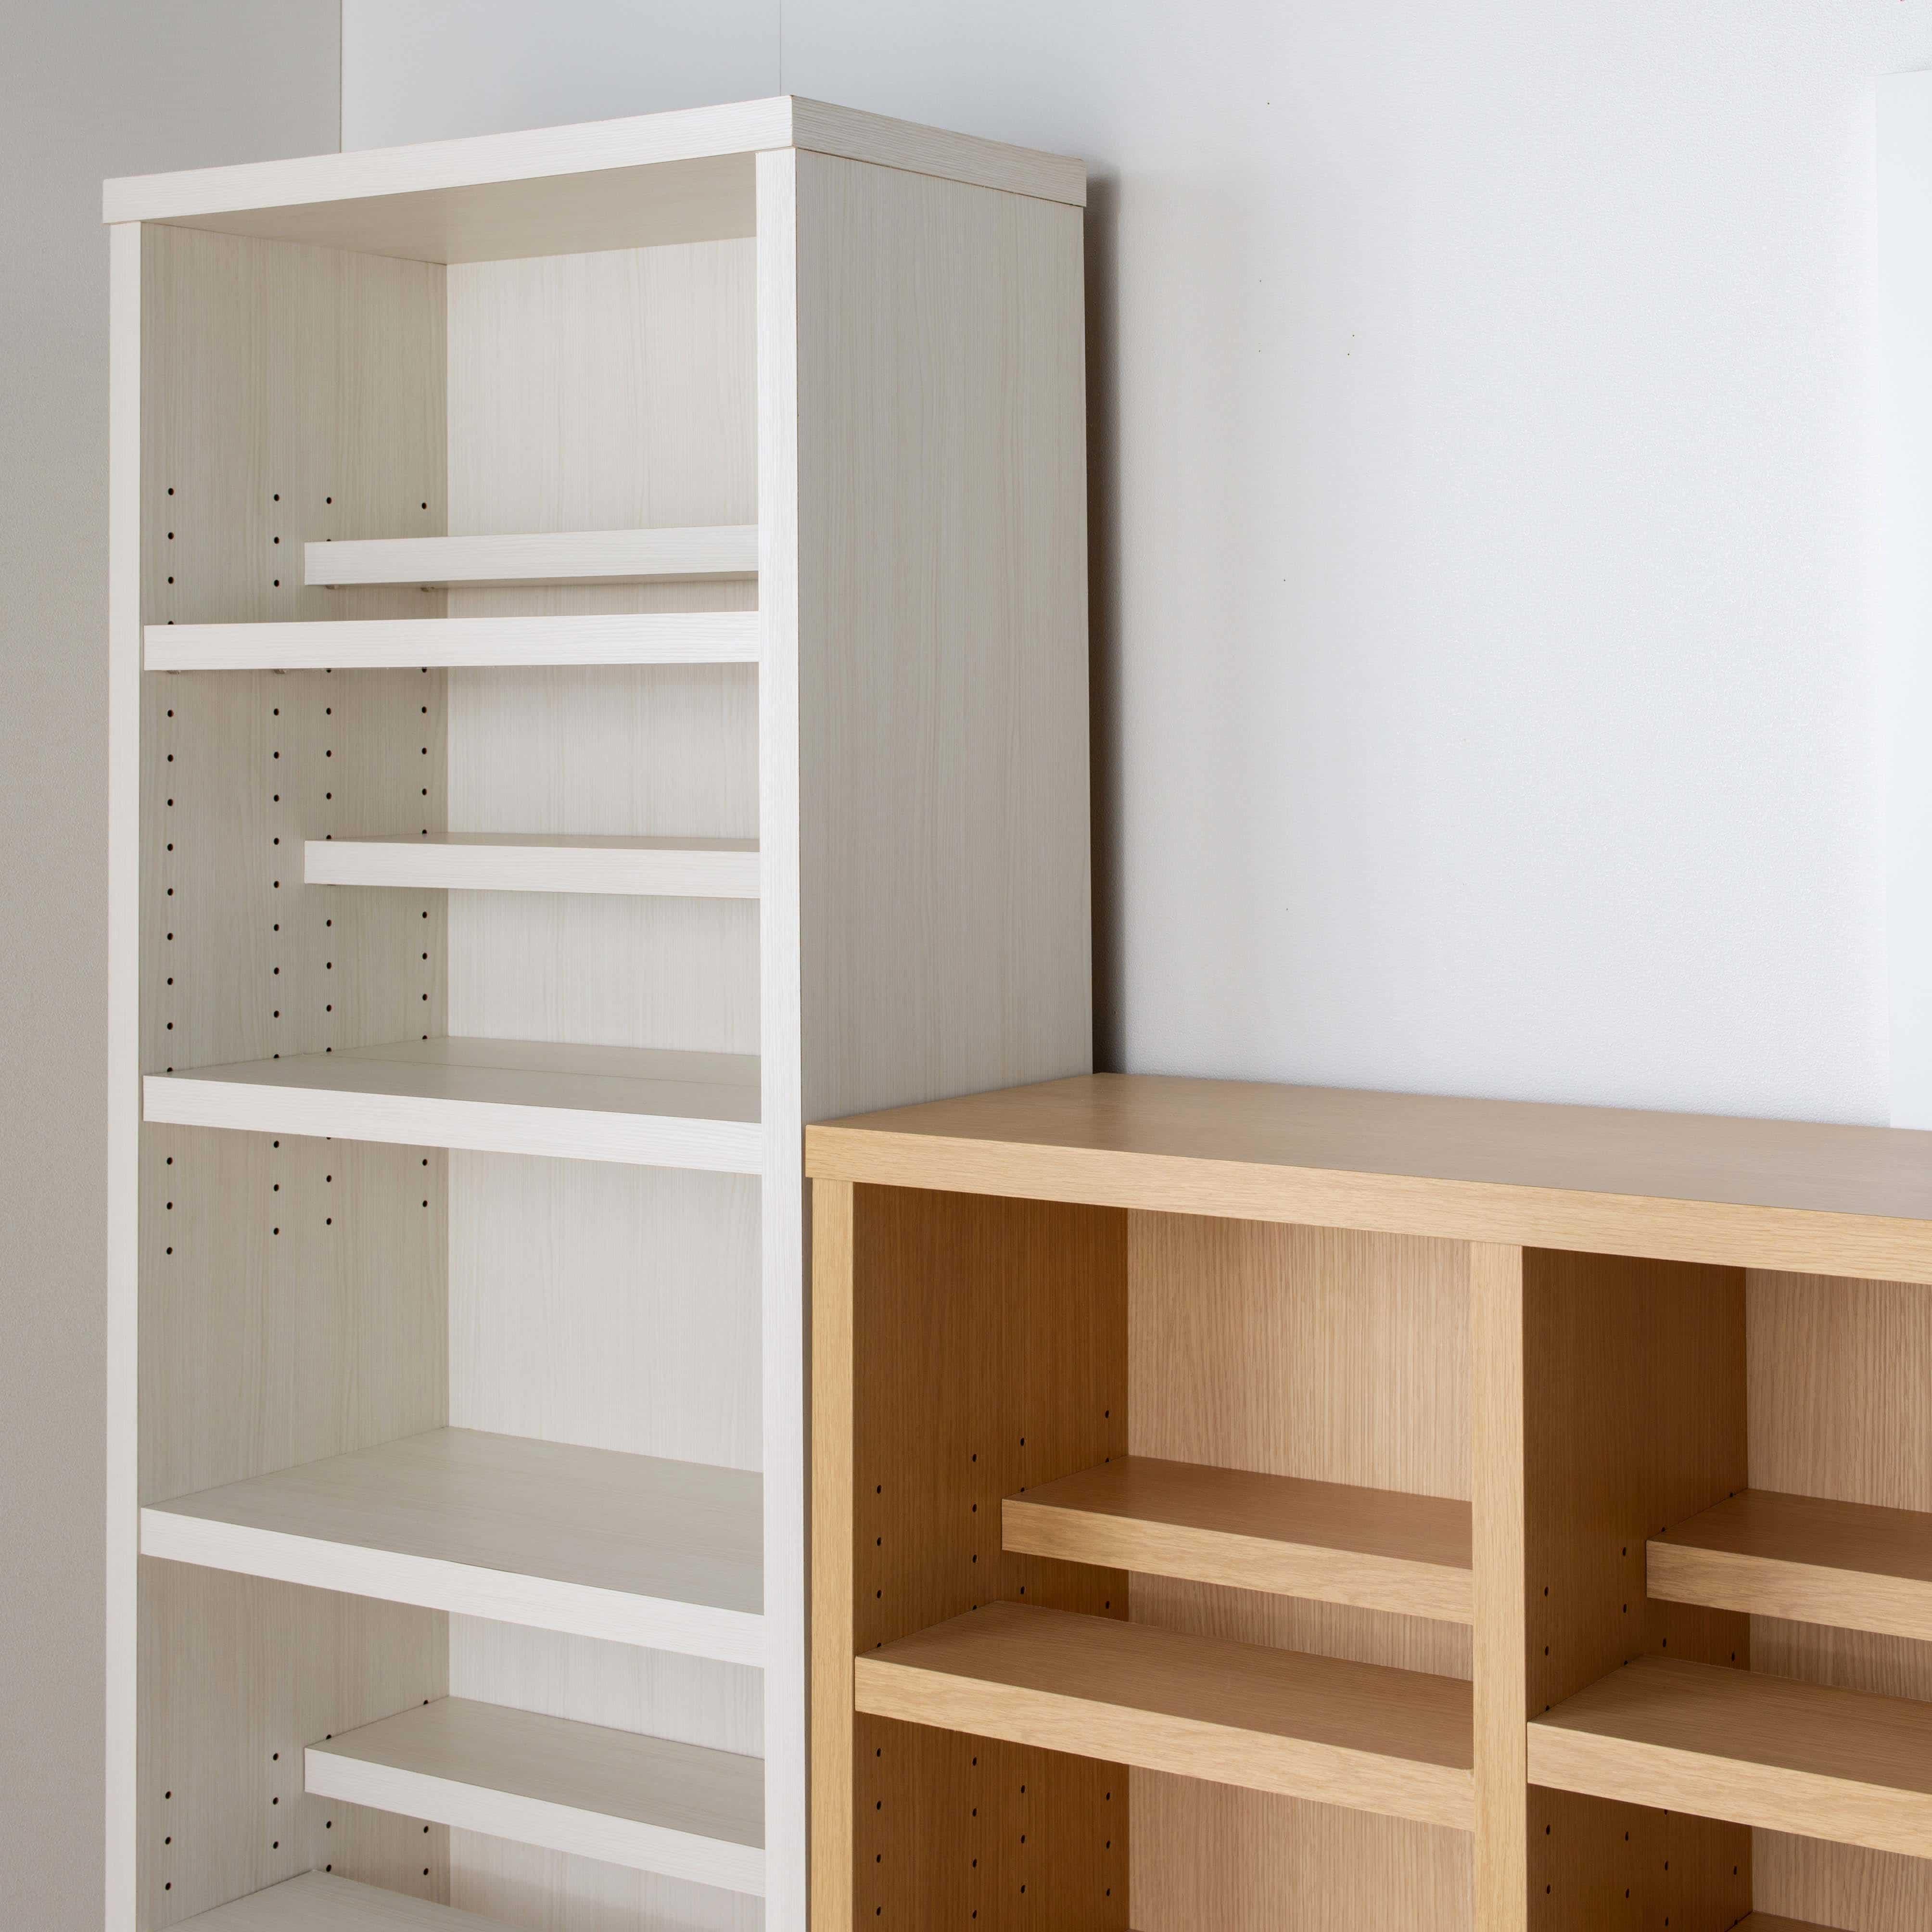 書棚 スカーラ 60Hフリーボード (ウォールナット):ロータイプはサイドボードとしても使用可能